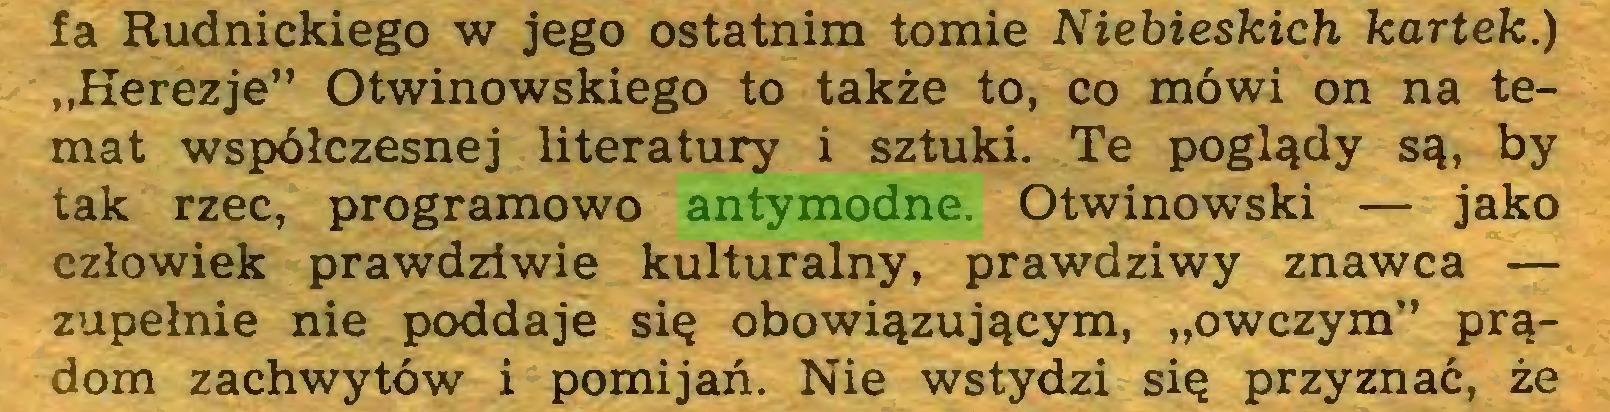 """(...) fa Rudnickiego w jego ostatnim tomie Niebieskich kartek.) """"Herezje"""" Otwinowskiego to także to, co mówi on na temat współczesnej literatury i sztuki. Te poglądy są, by tak rzec, programowo antymodne. Otwinowski — jako człowiek prawdziwie kulturalny, prawdziwy znawca — zupełnie nie poddaje się obowiązującym, """"owczym"""" prądom zachwytów i pomijań. Nie wstydzi się przyznać, że..."""